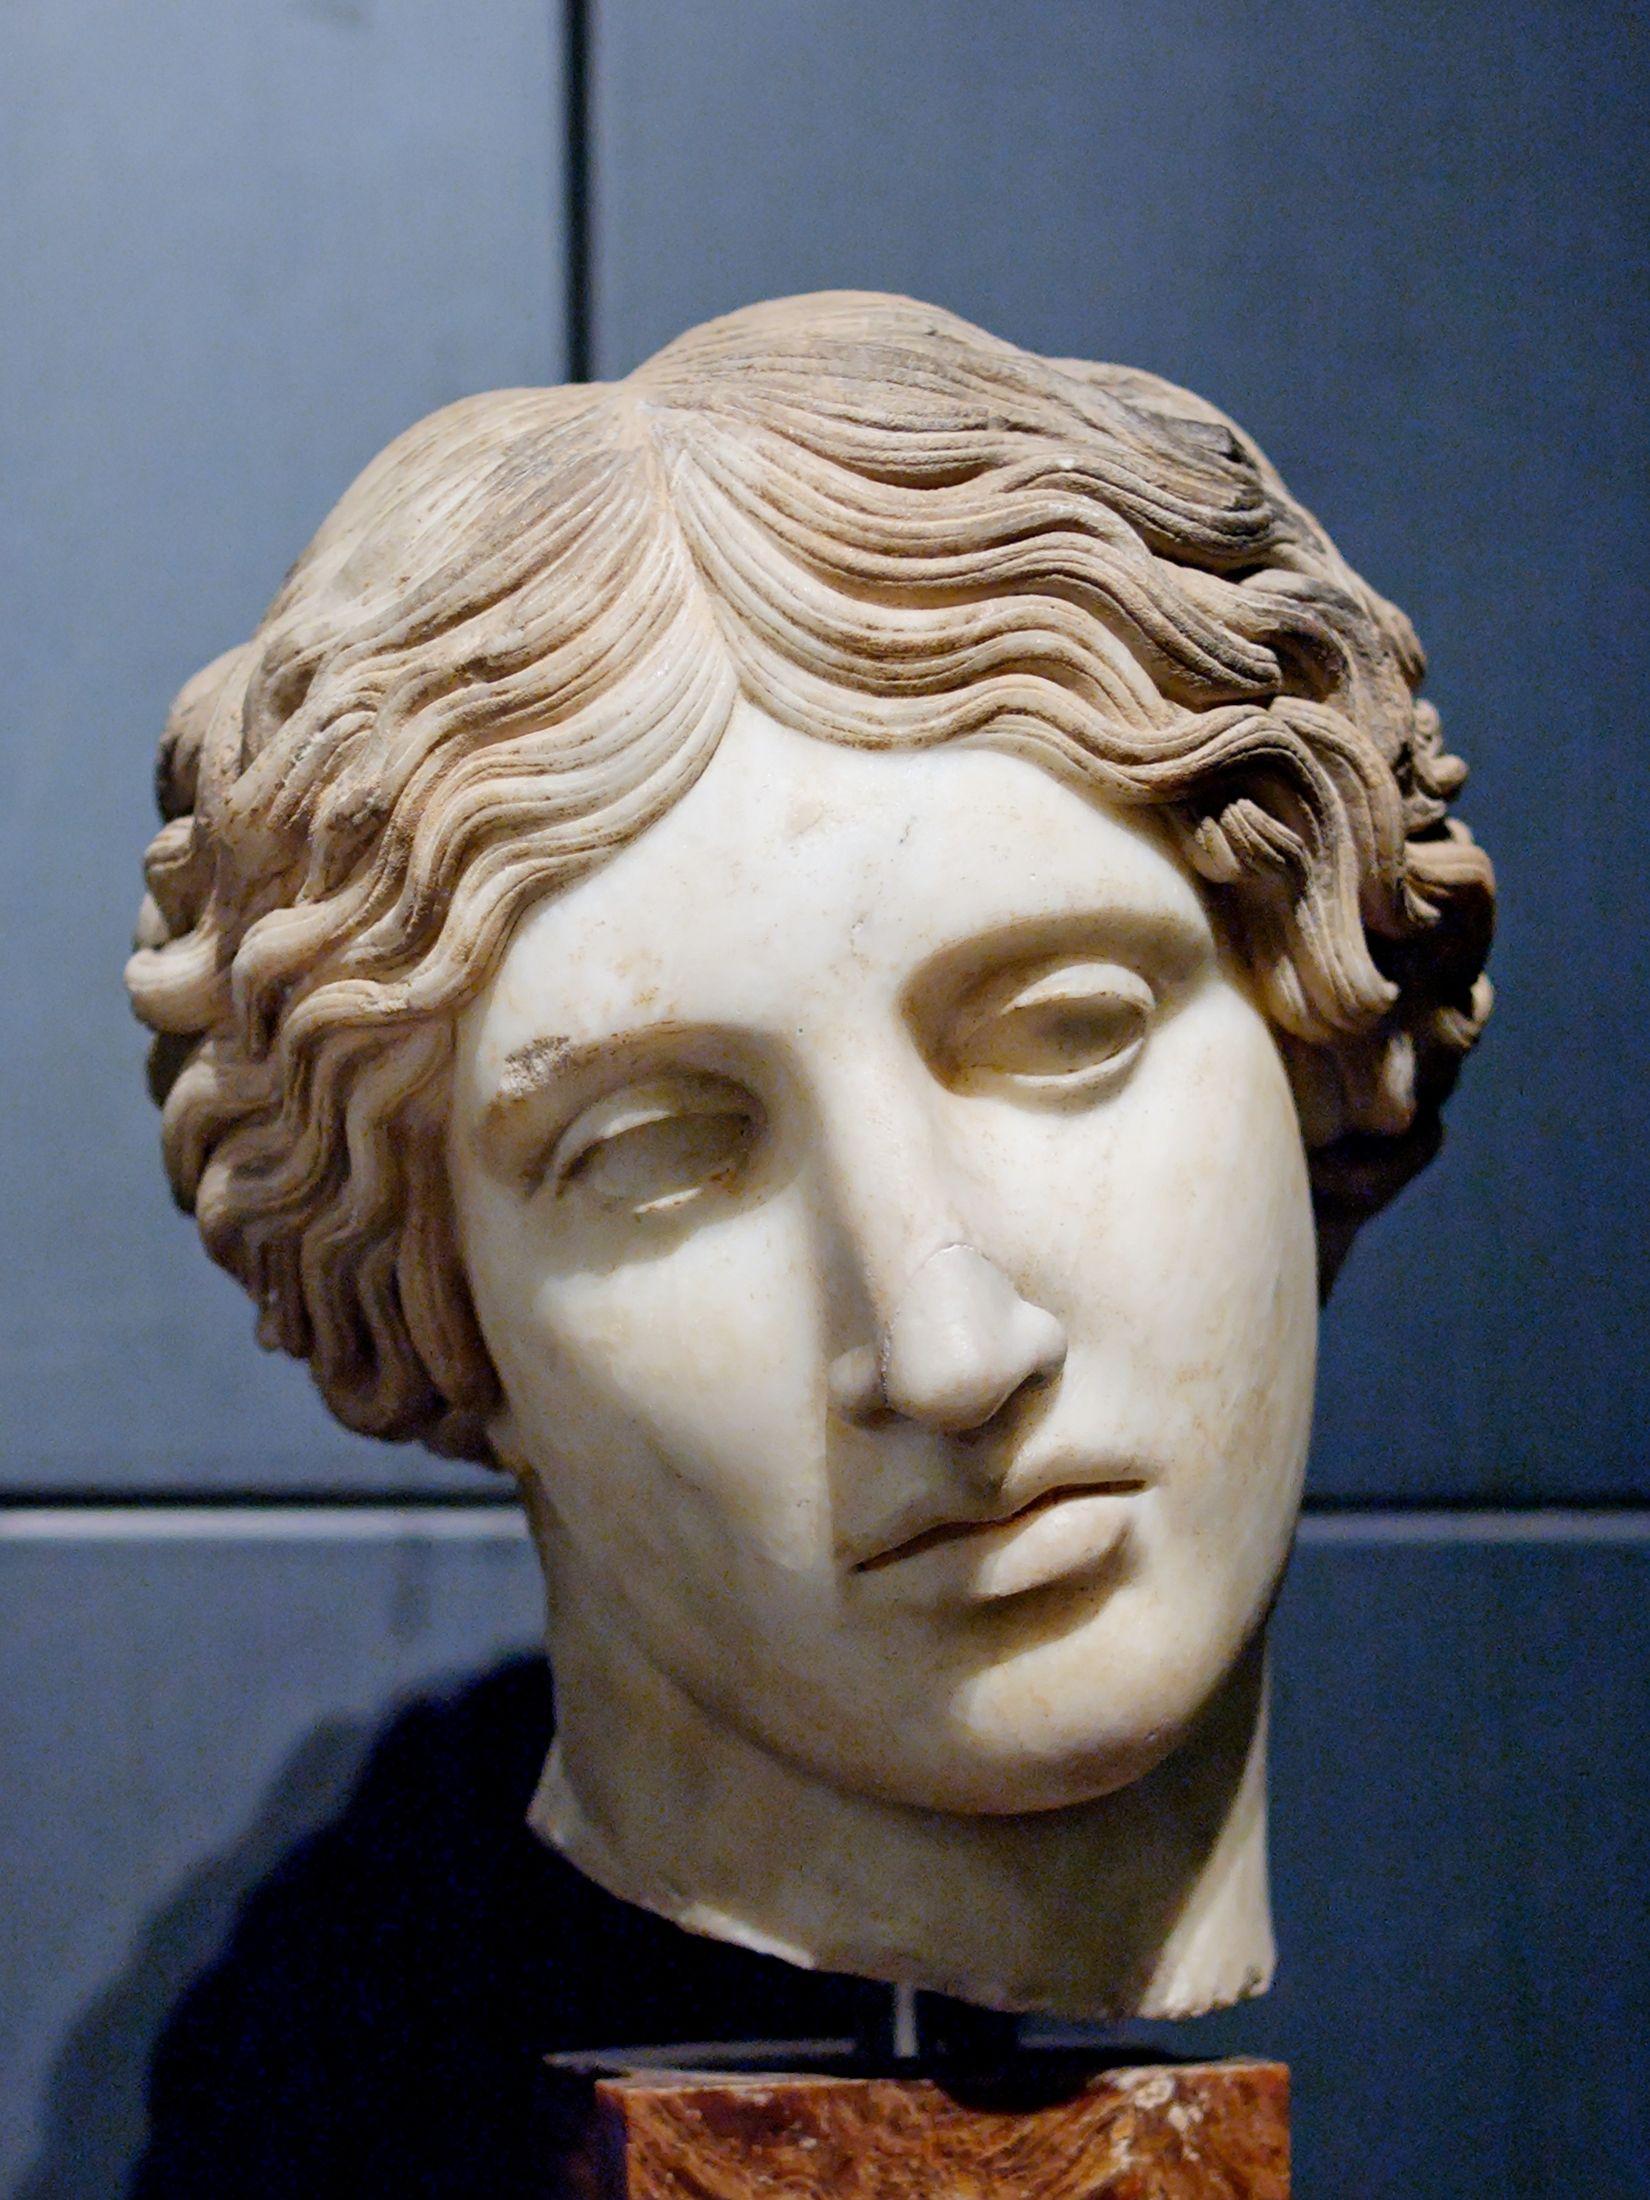 face sculptures - Google 검색 | sculpture | Pinterest ...